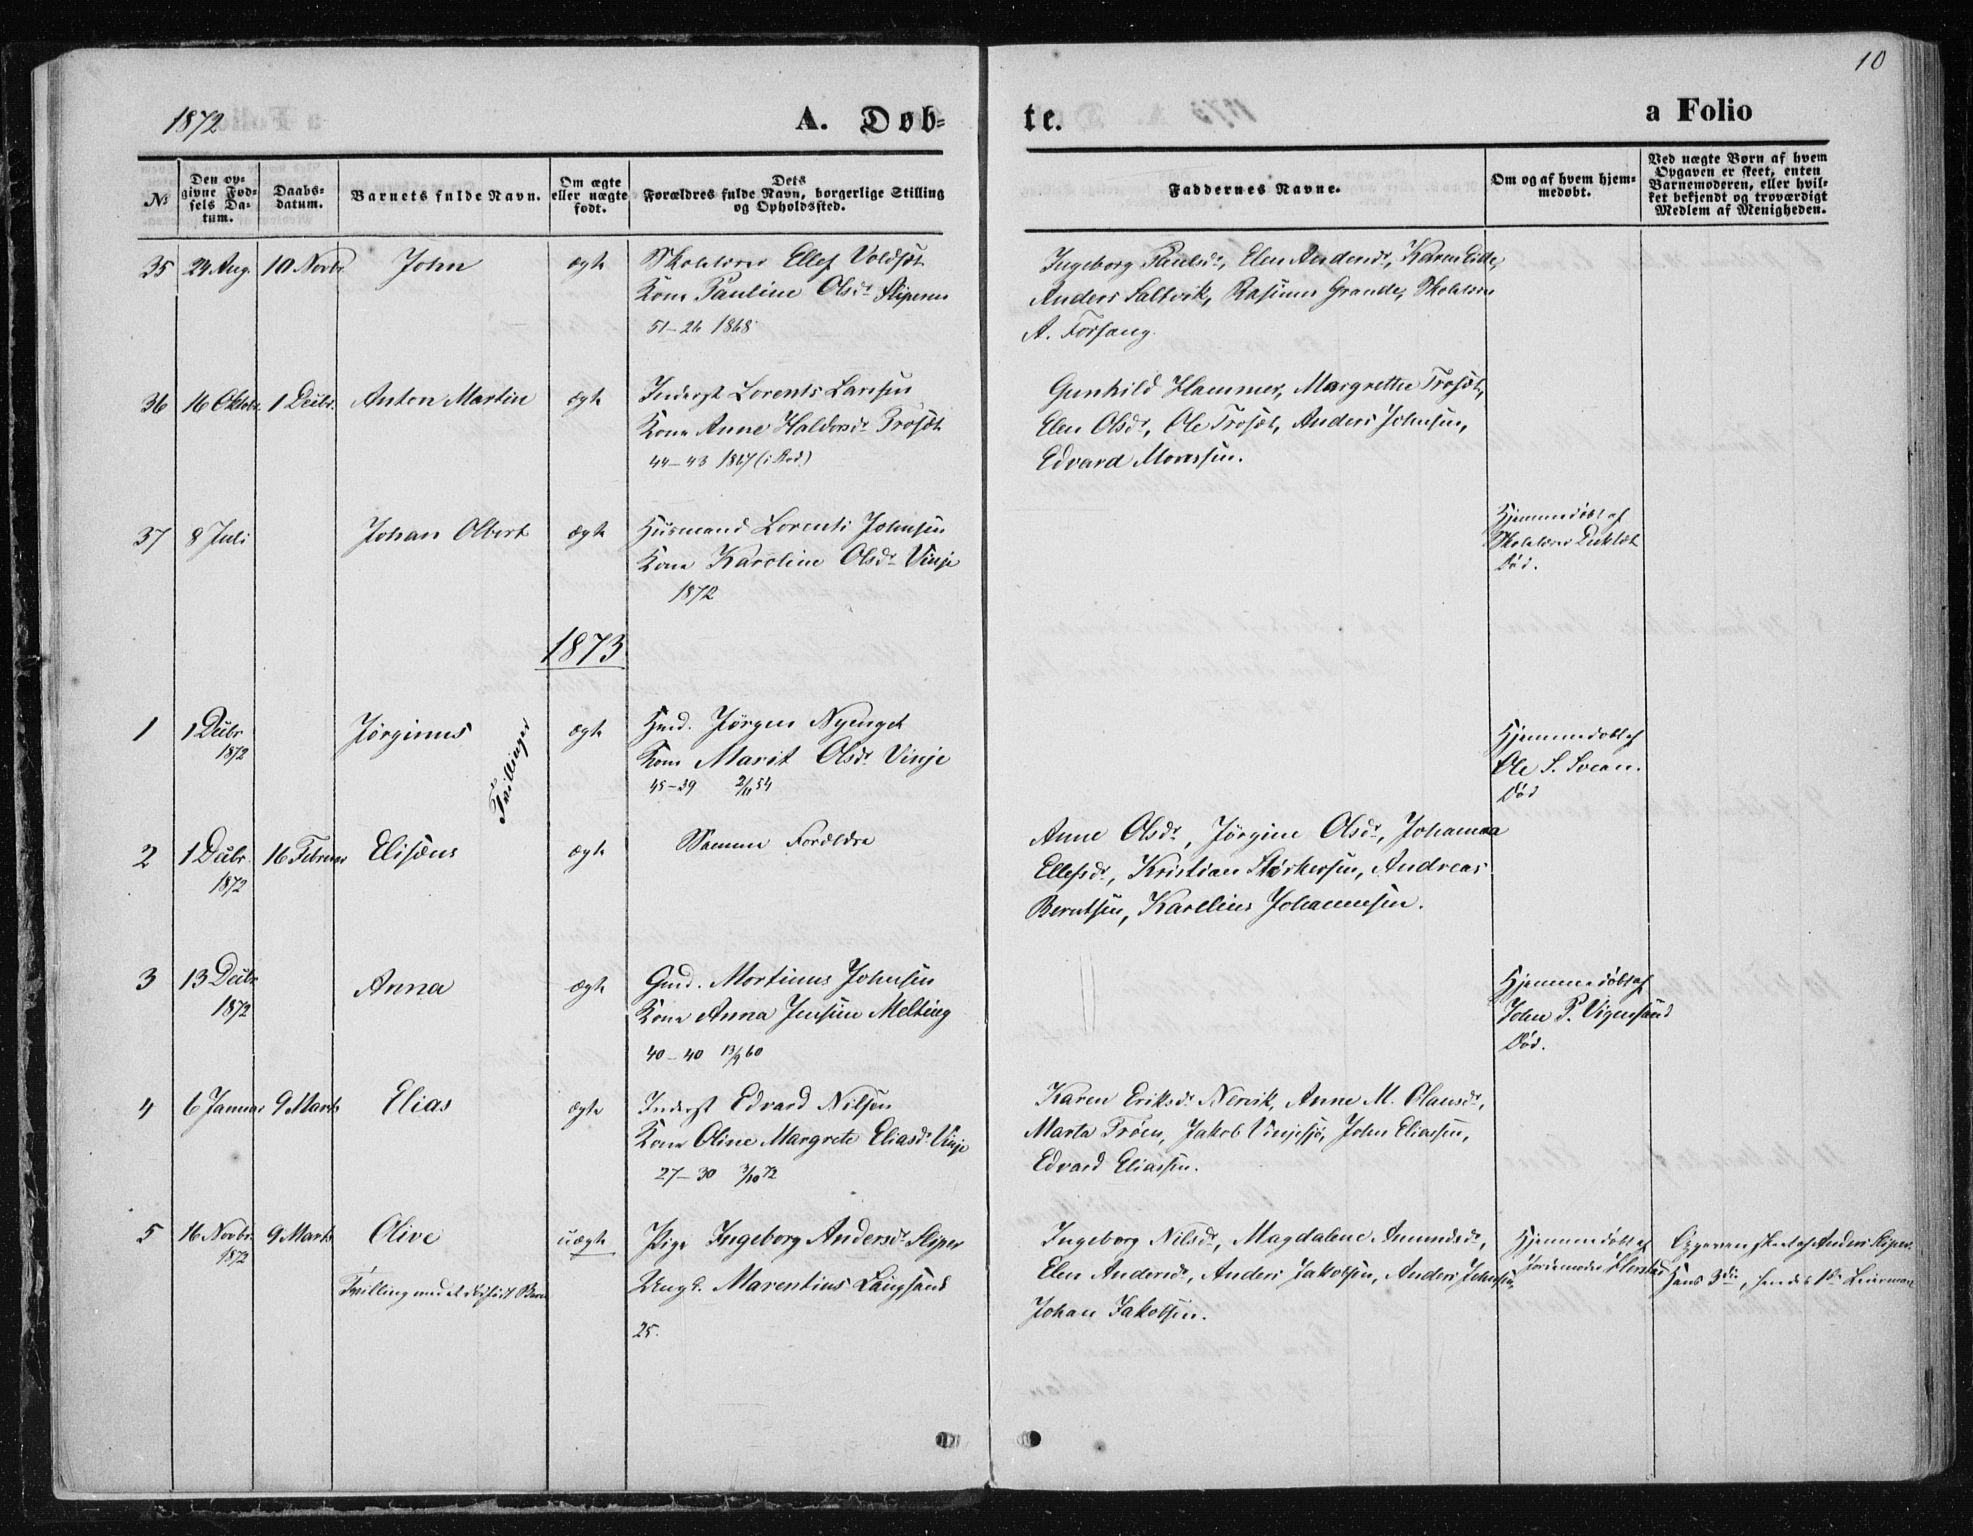 SAT, Ministerialprotokoller, klokkerbøker og fødselsregistre - Nord-Trøndelag, 733/L0324: Ministerialbok nr. 733A03, 1870-1883, s. 10